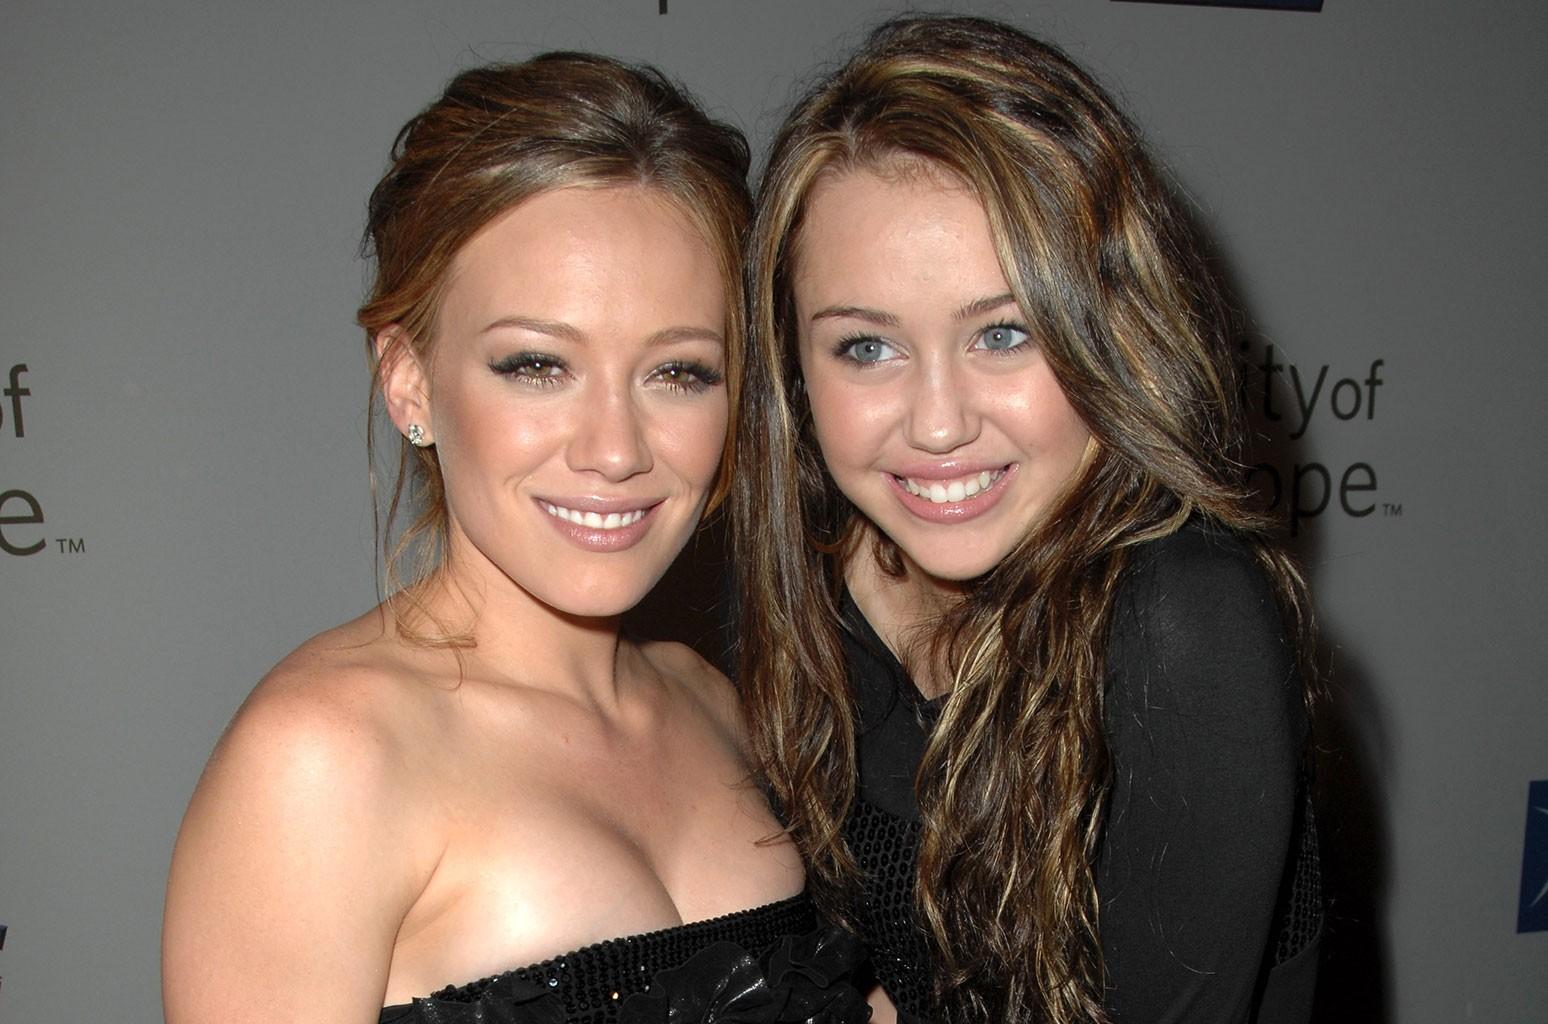 Hilary Duff, Miley Cyrus